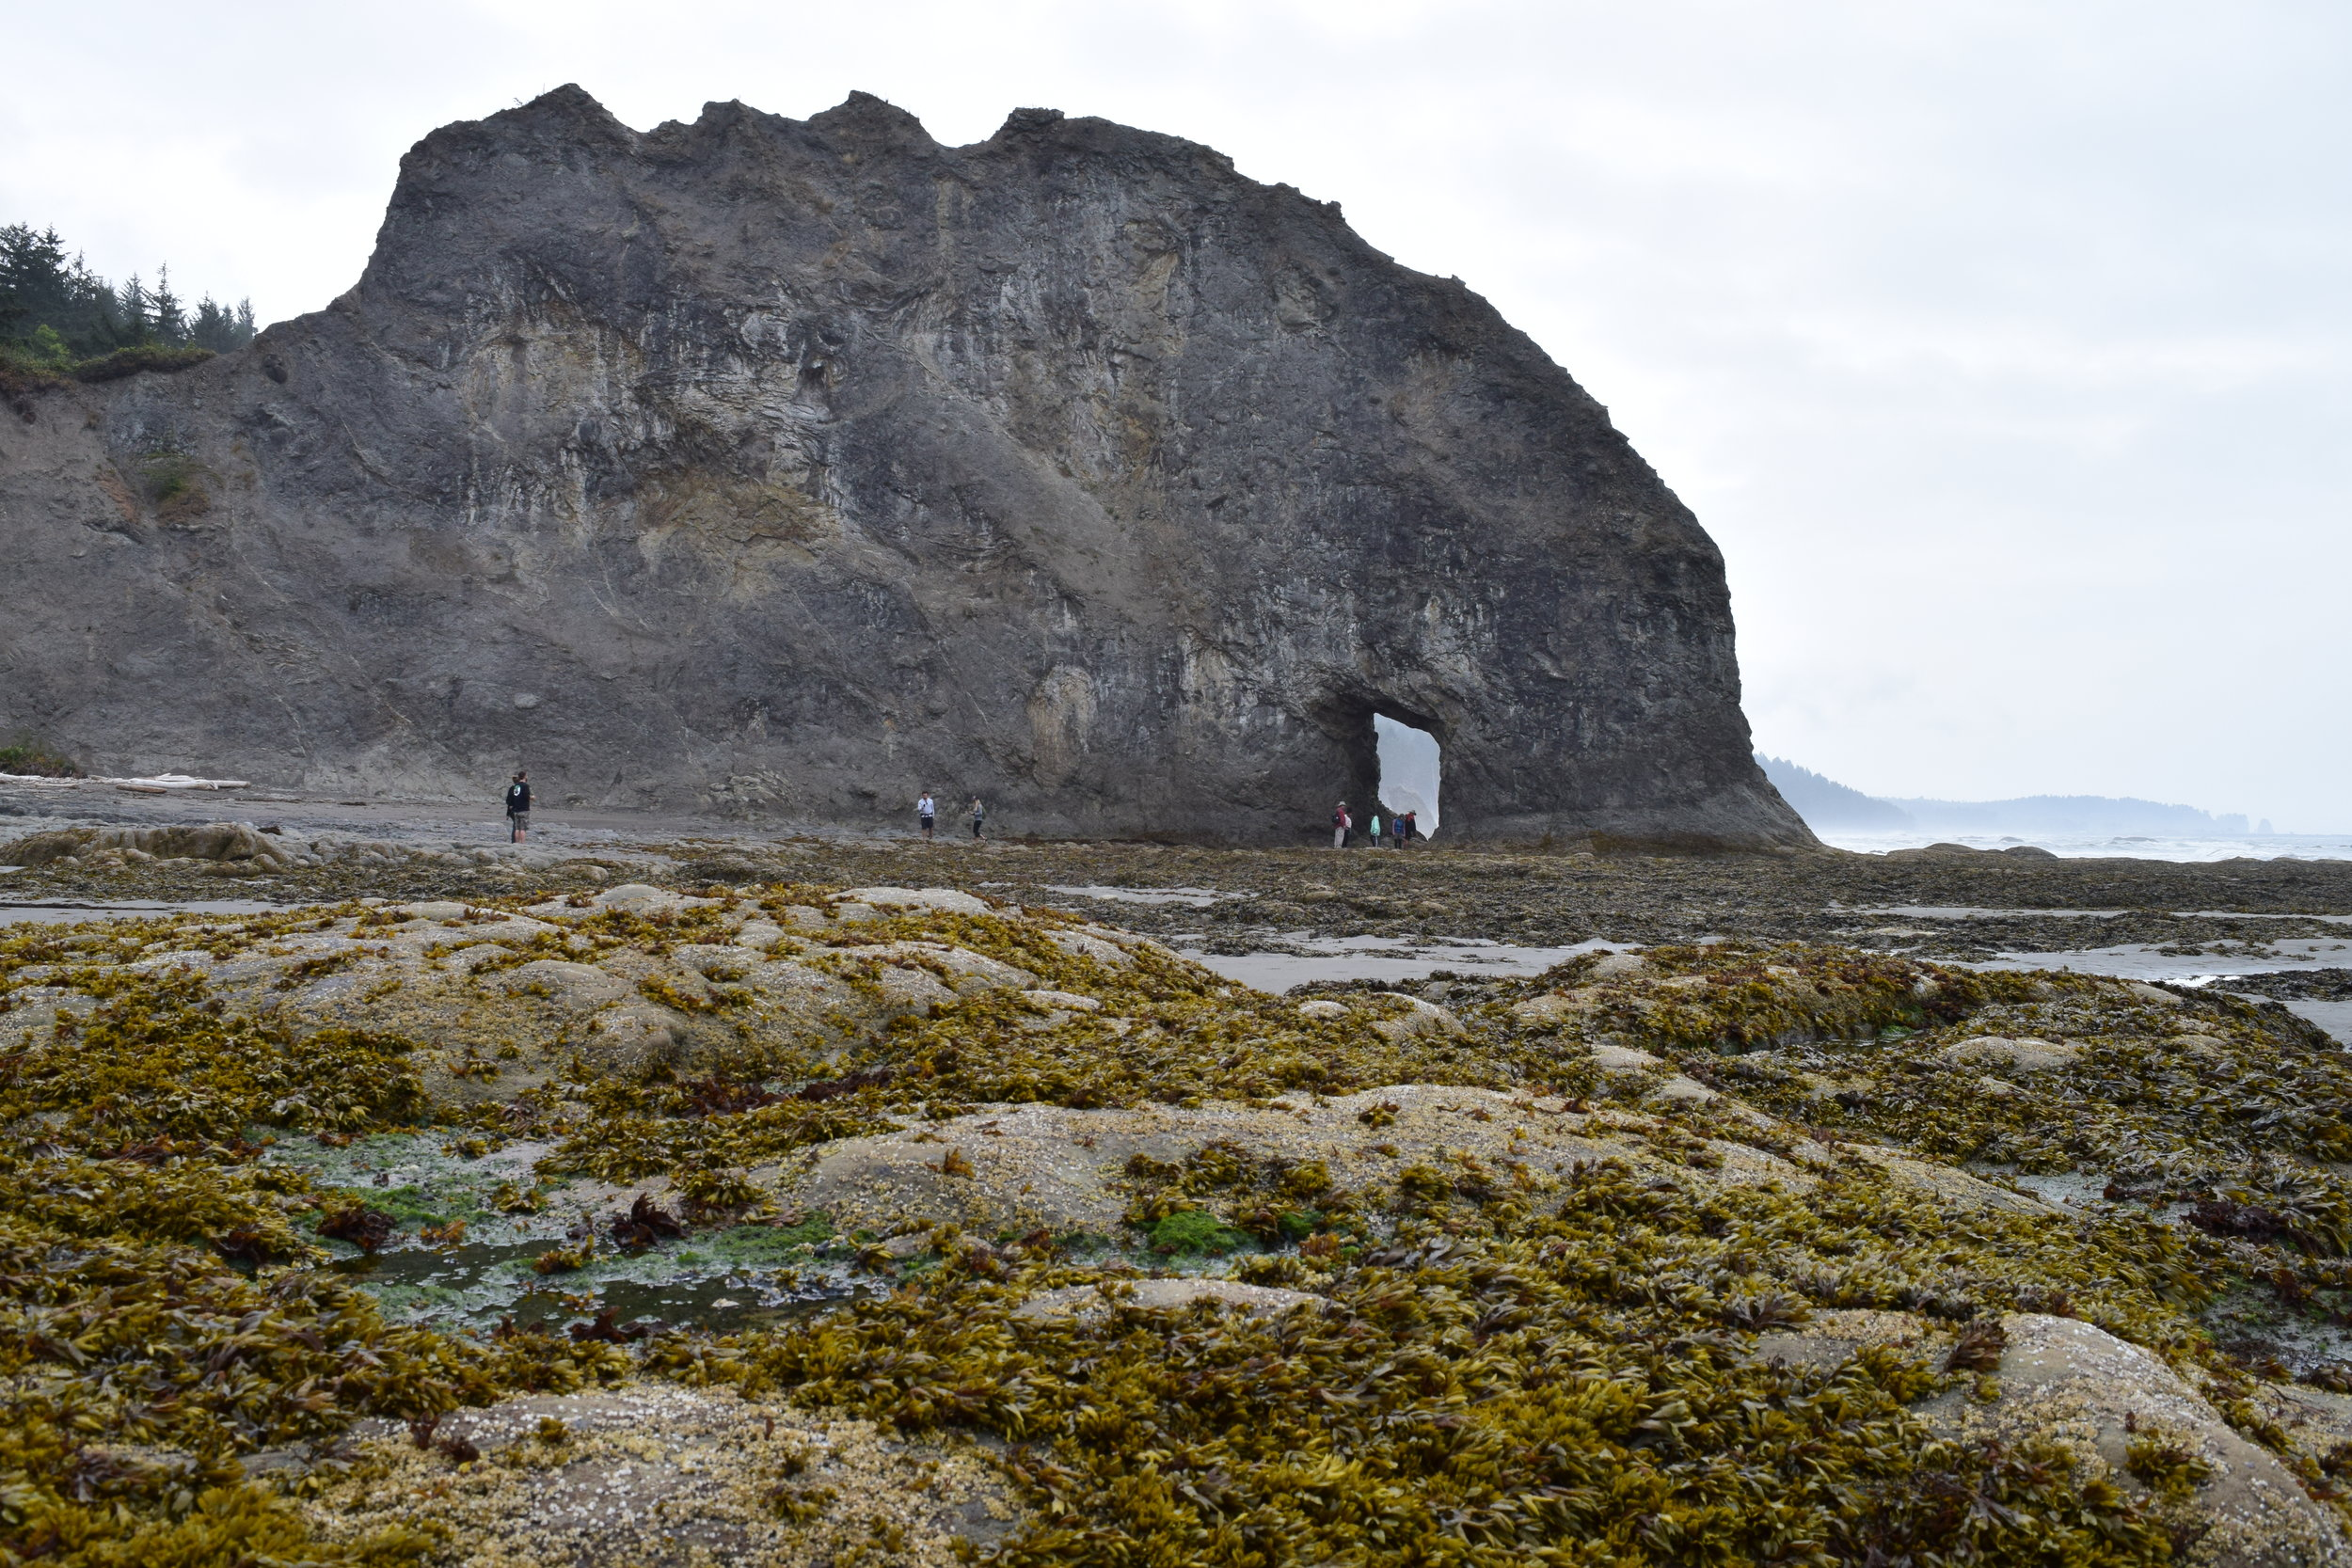 Rocky, rugged low tide terrain